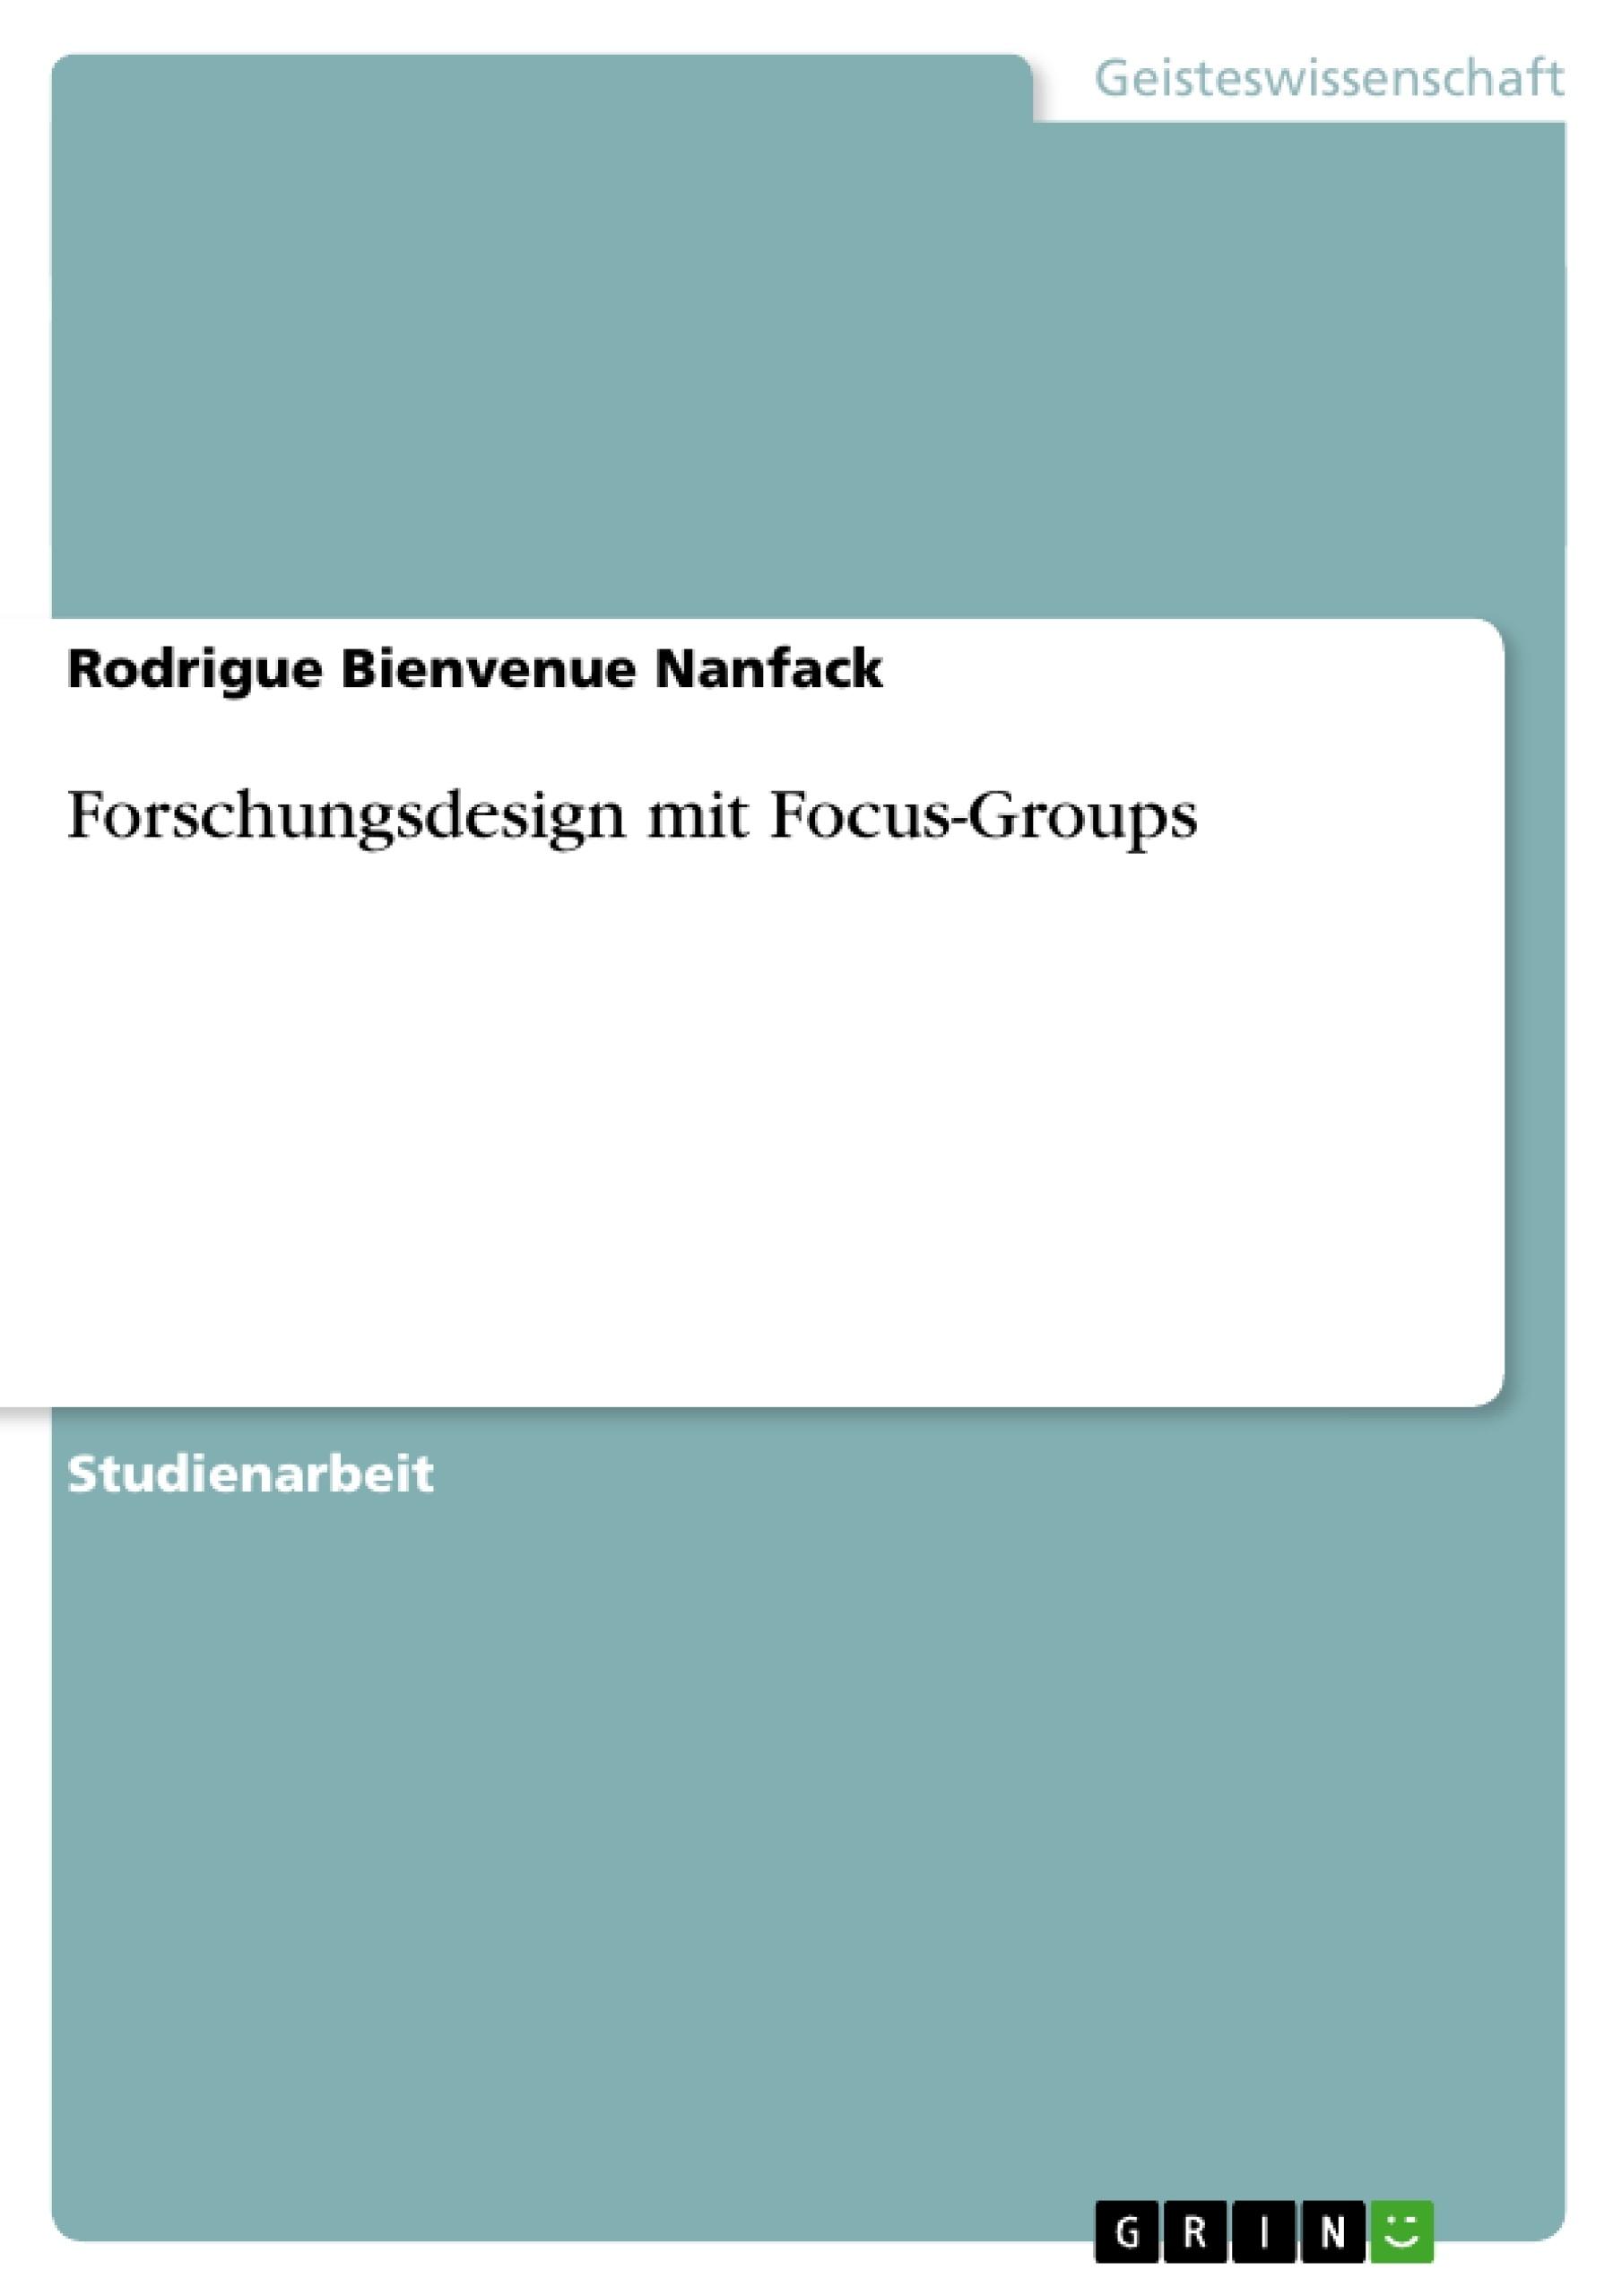 Titel: Forschungsdesign mit Focus-Groups